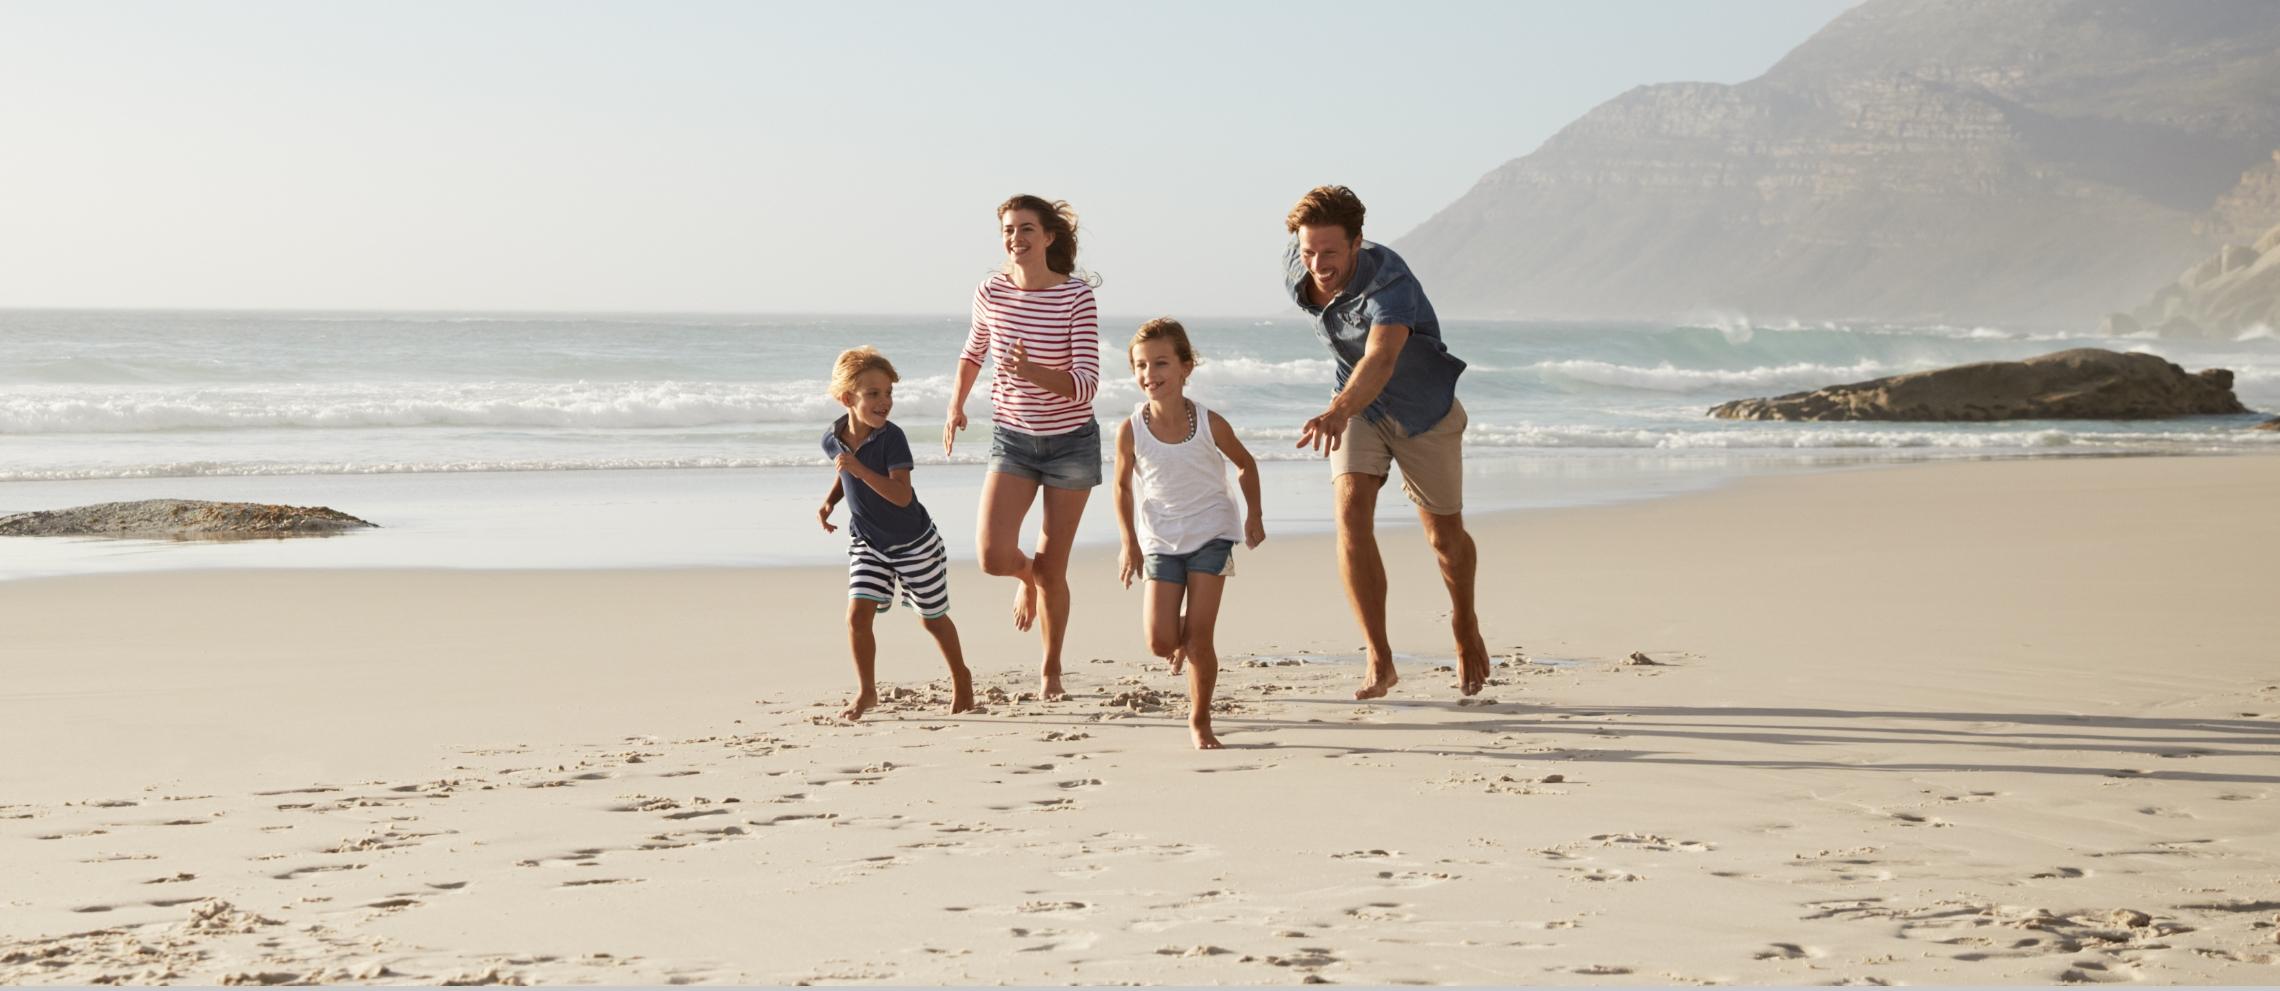 Urlaub trotz Pandemie?